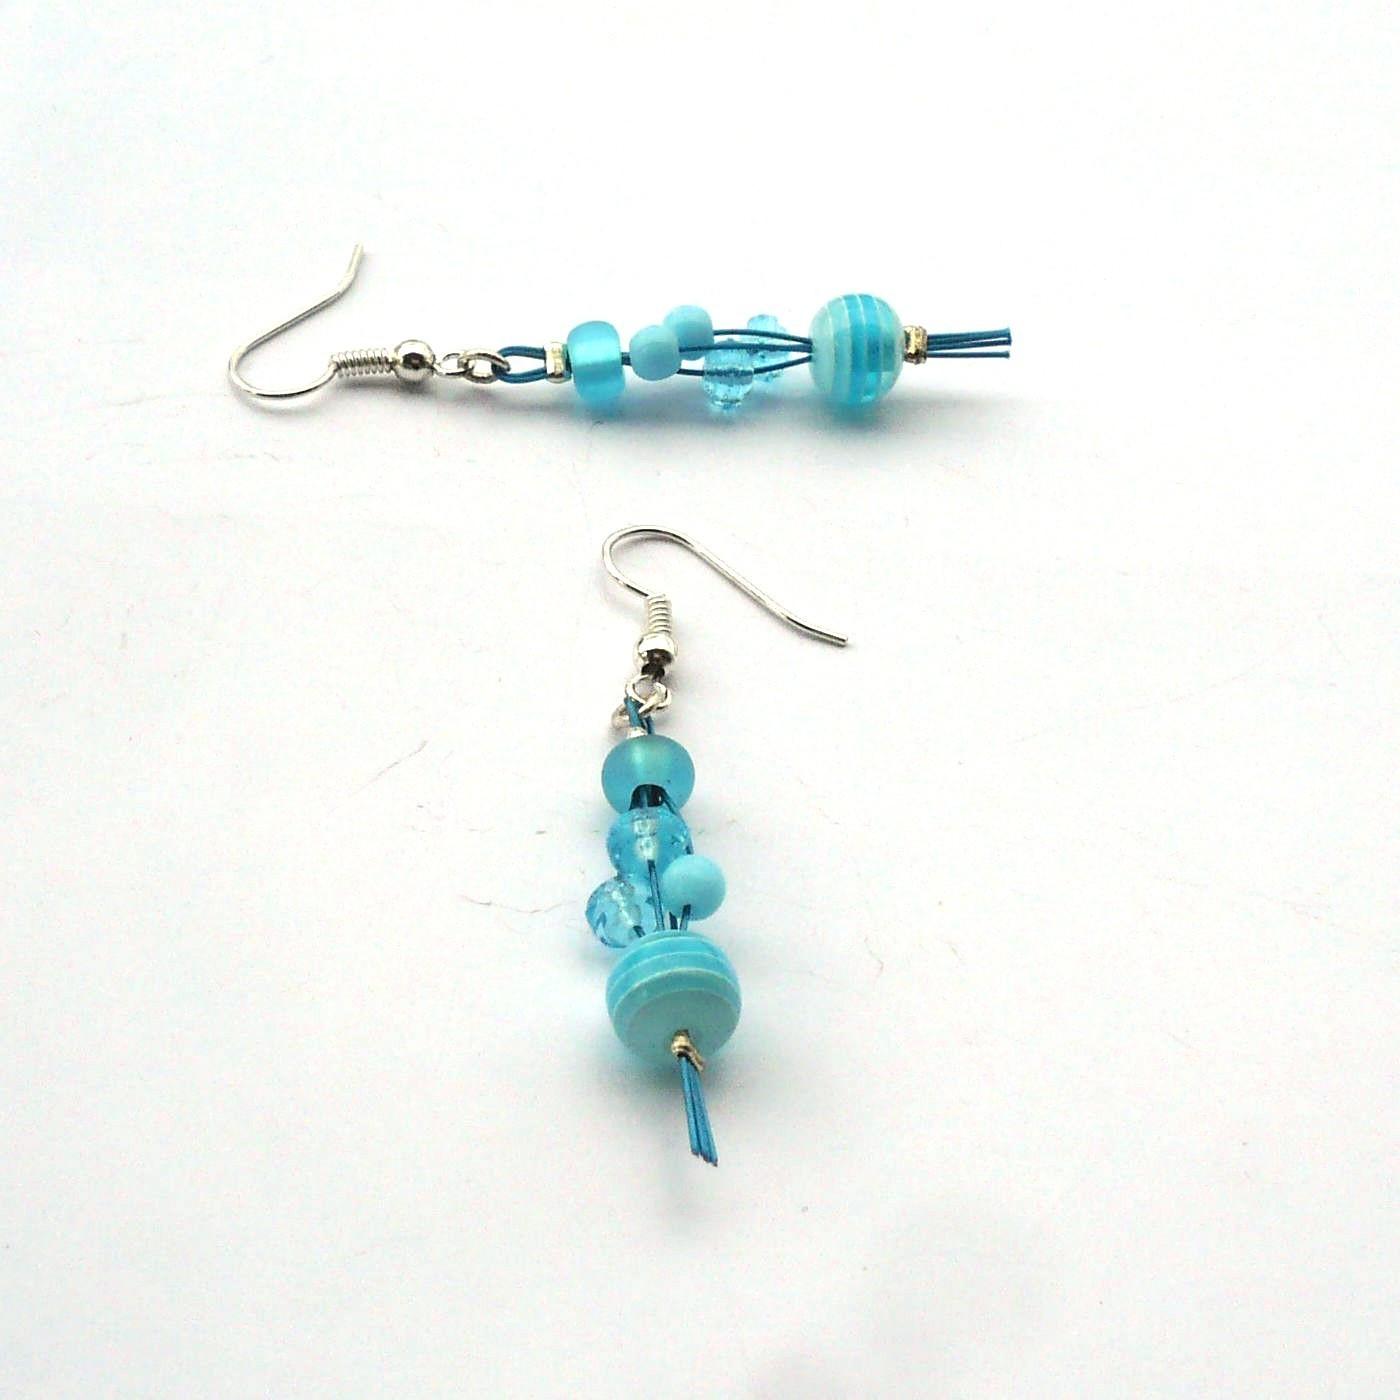 Světle modré duhovky - náušnice   Zboží prodejce kakafuna  a0194c2431c